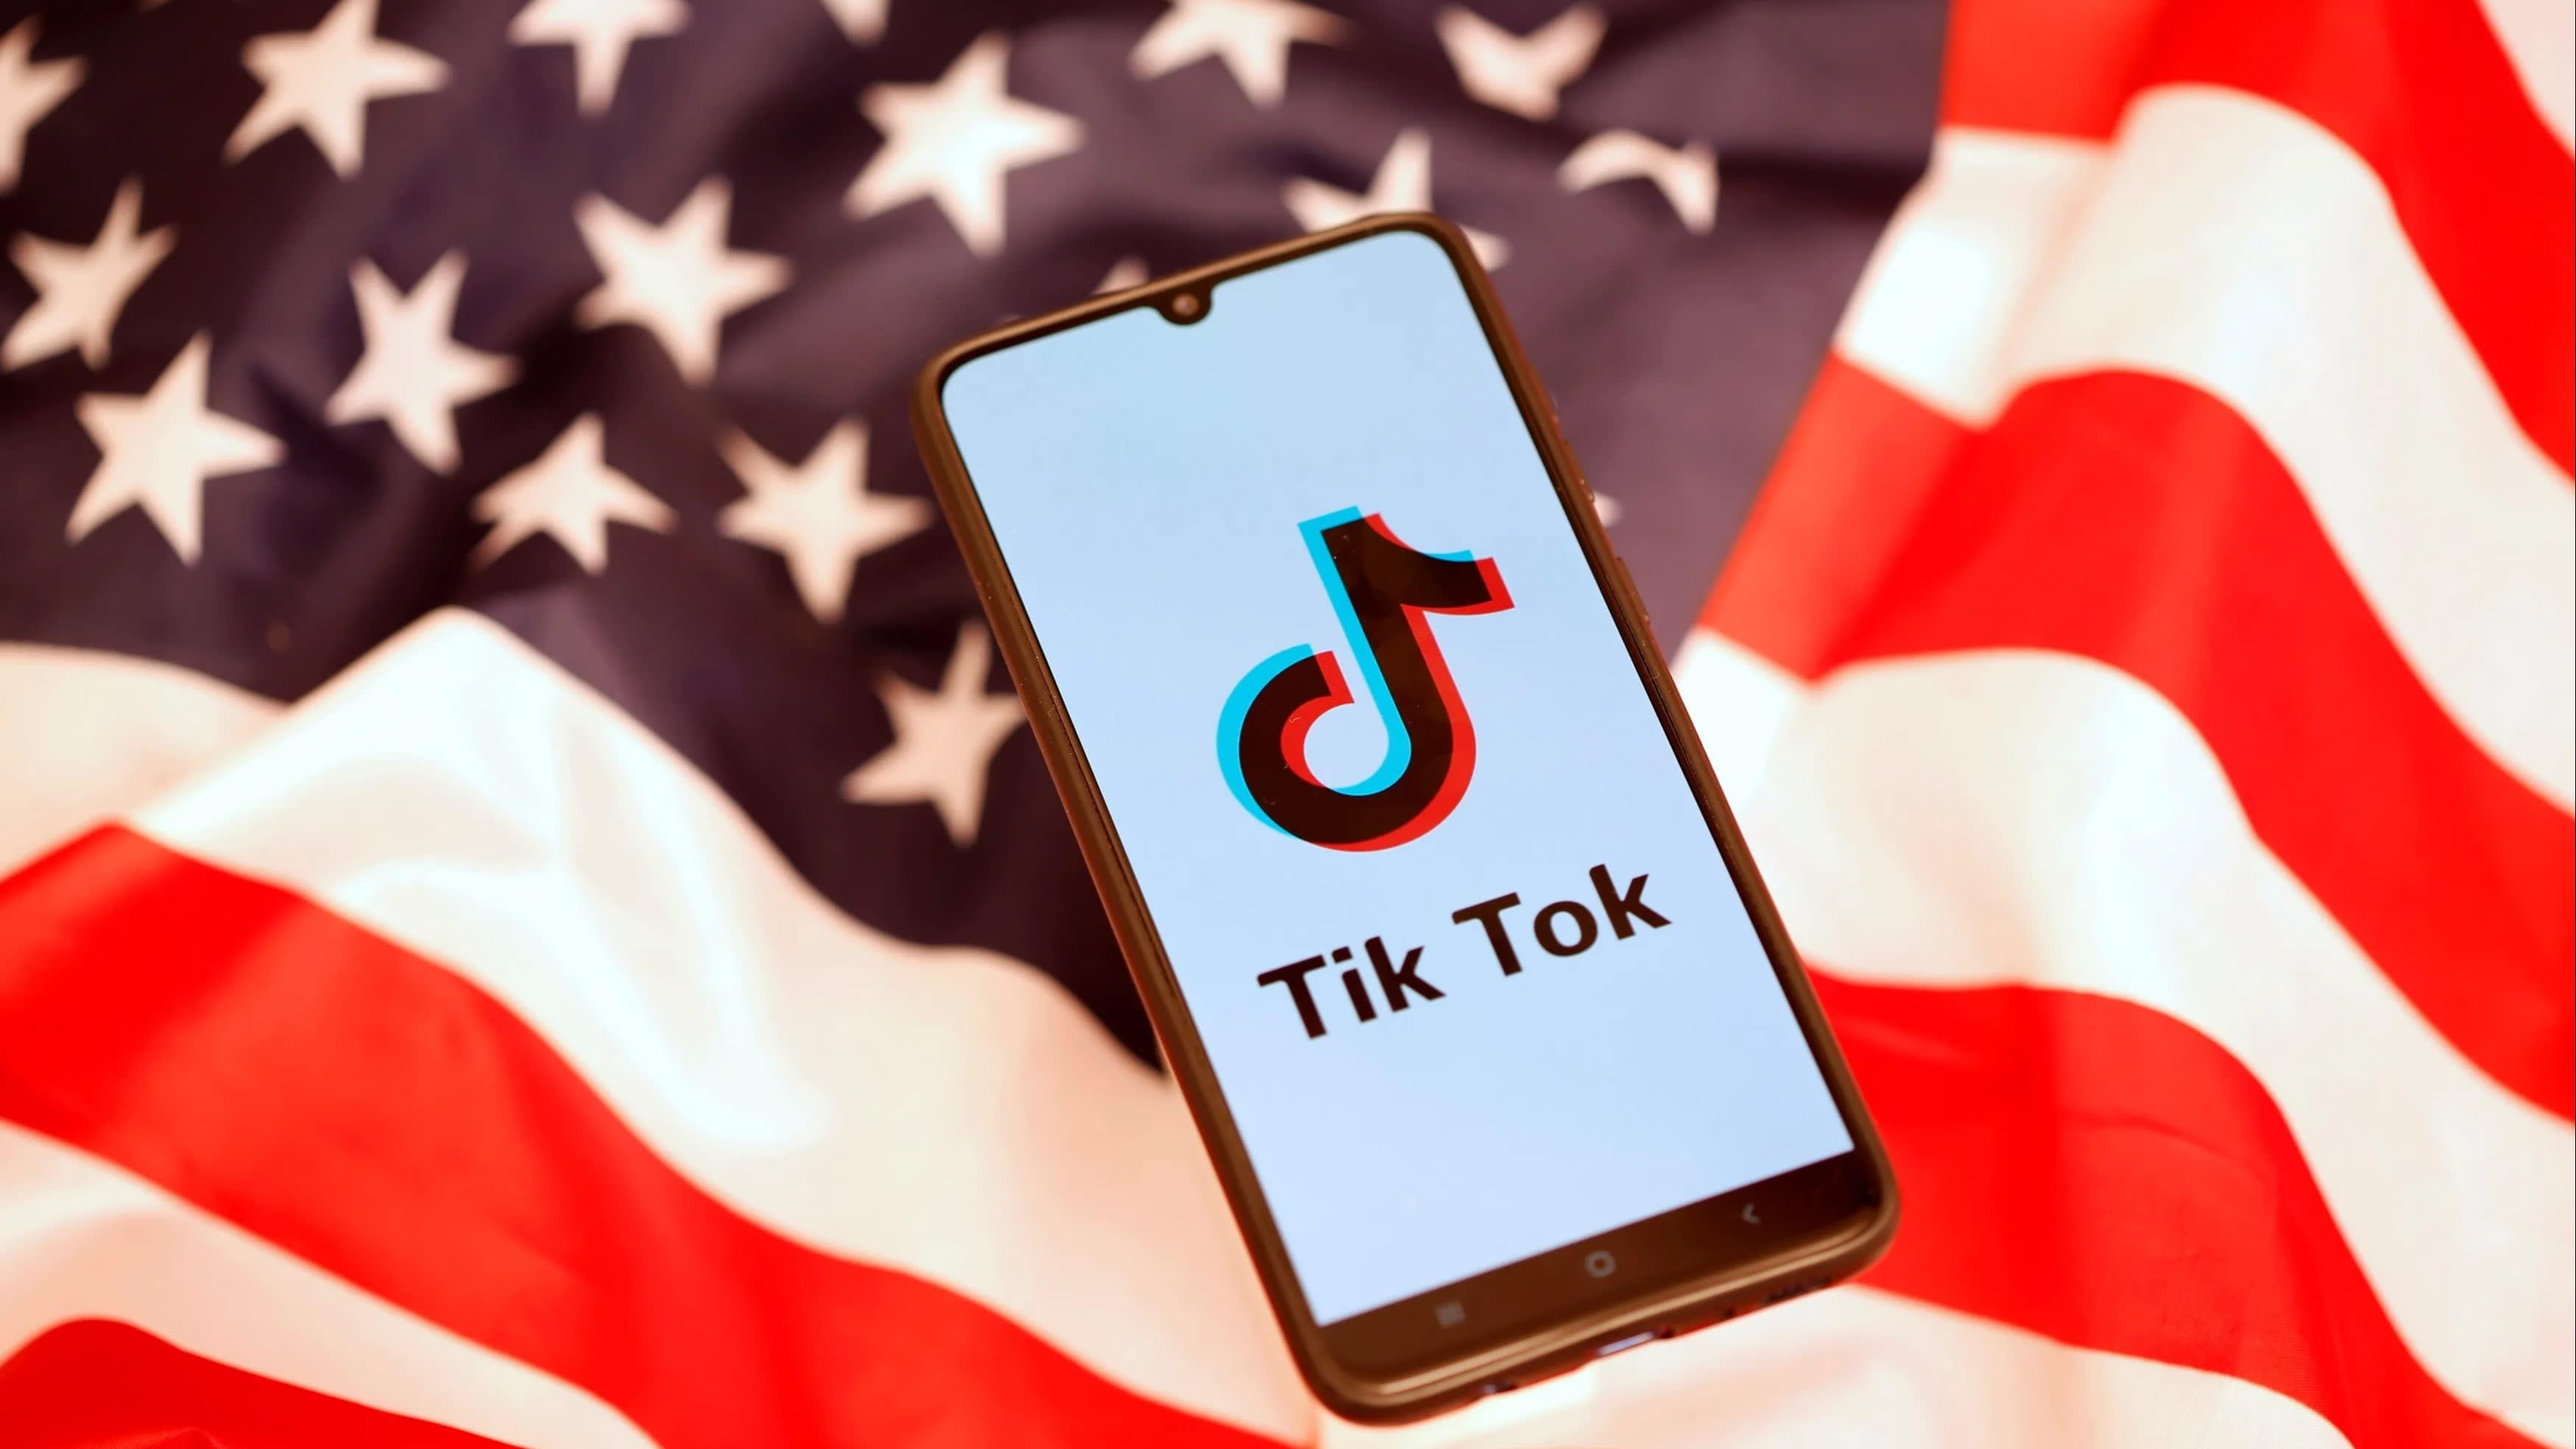 Vì sao chính quyền Donald Trump bị tòa án Mỹ yêu cầu xem lại quyết định cấm tải TikTok?